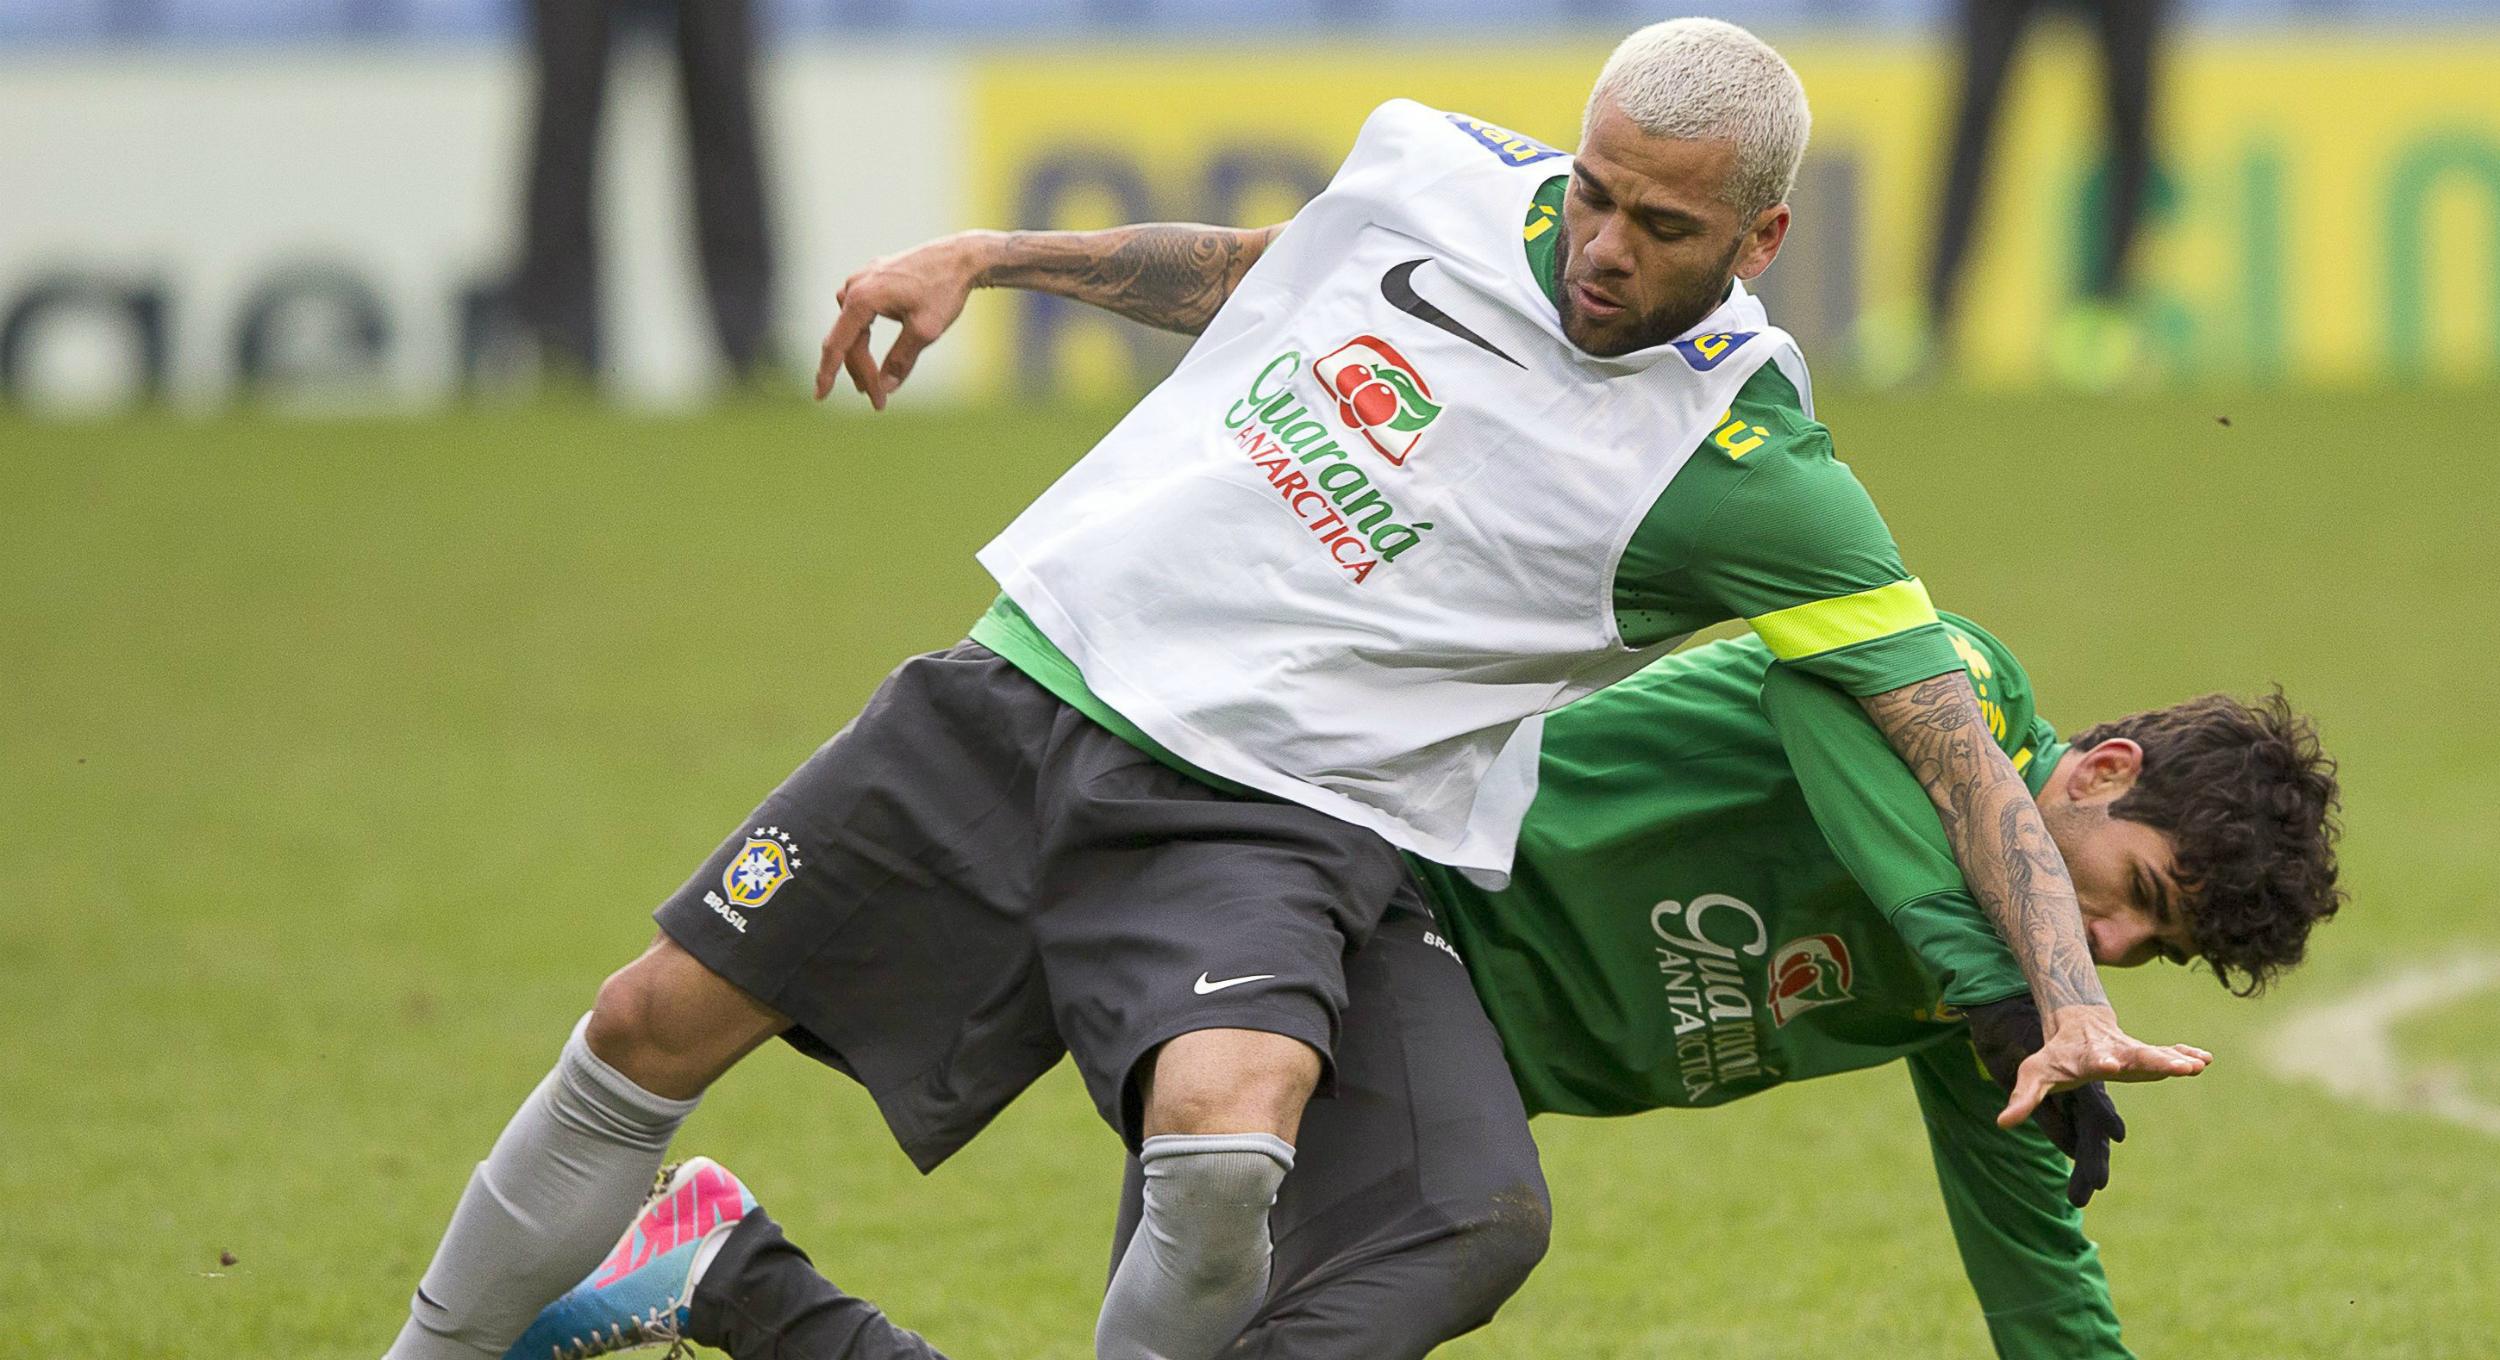 Imagen de Dani Alves en 2013 durante un entrenamiento con la selección brasileña. EFE/EPA/KERIM OKTEN